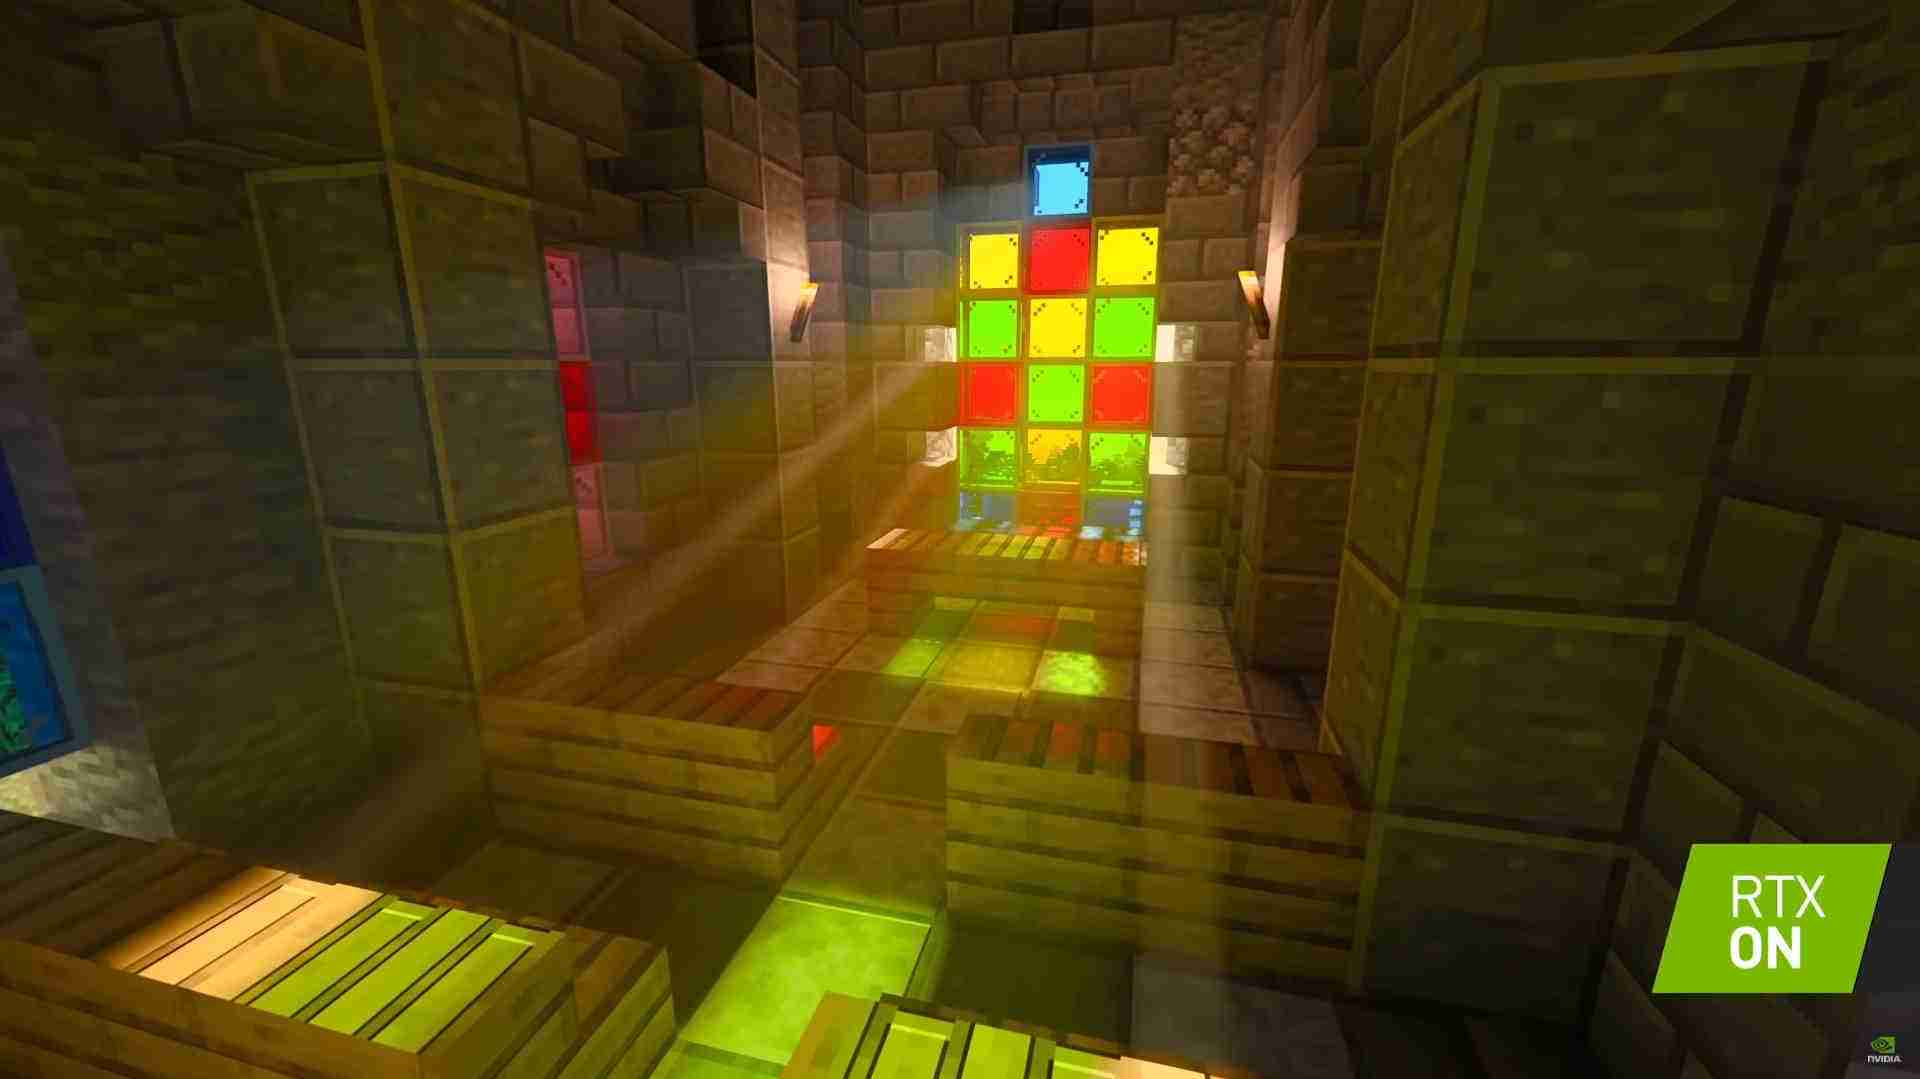 4款全新游戏添加DLSS支持,《我的世界》(Minecraft)正式支持RTX,《赛博朋克2077》即将发布!